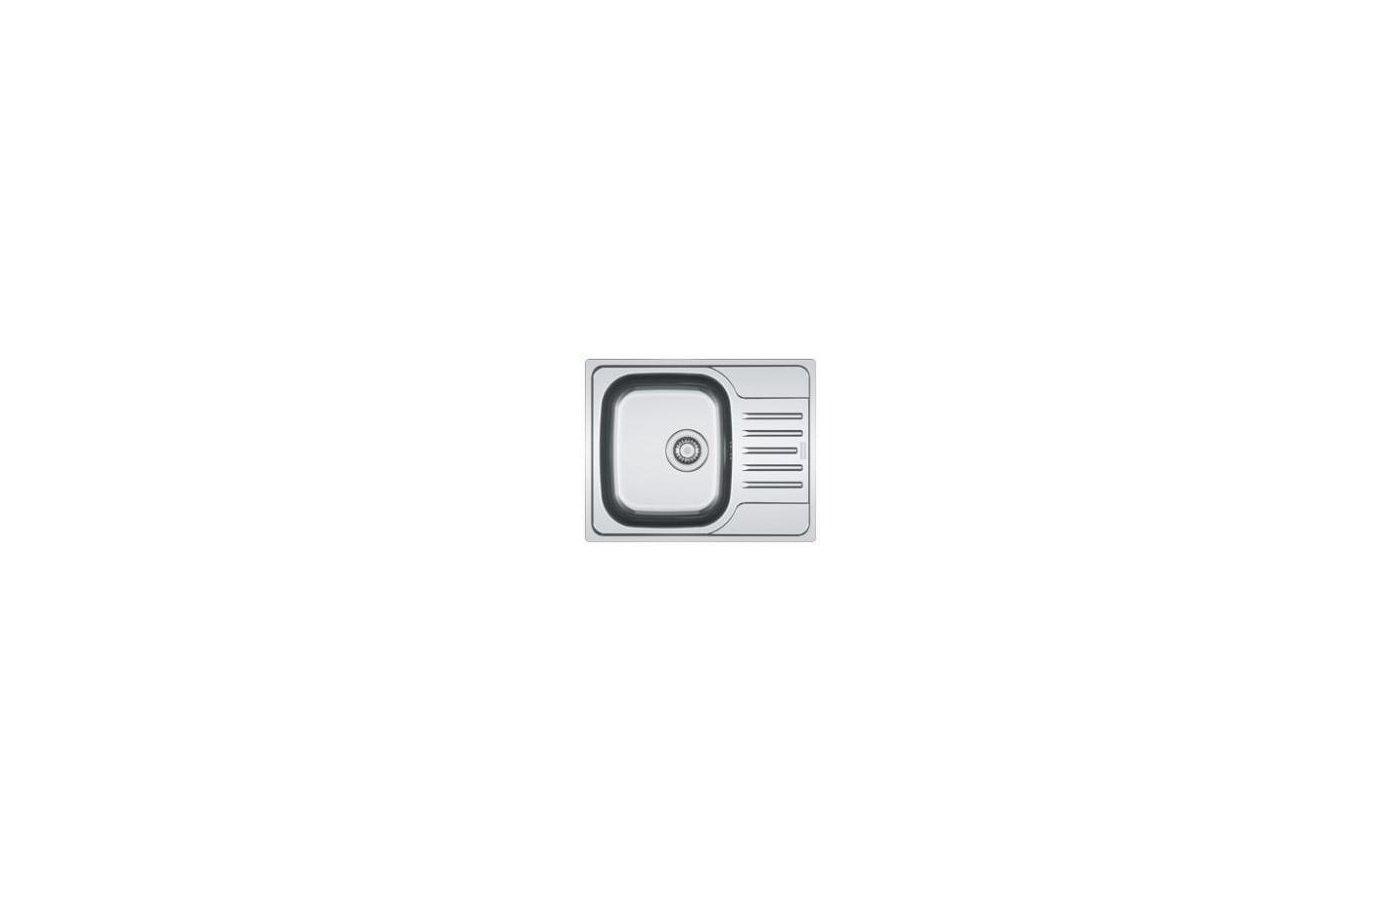 Кухонная мойка FRANKE POLAR PXN 611-60 Вентиль 3.5 + комплект для монтажа